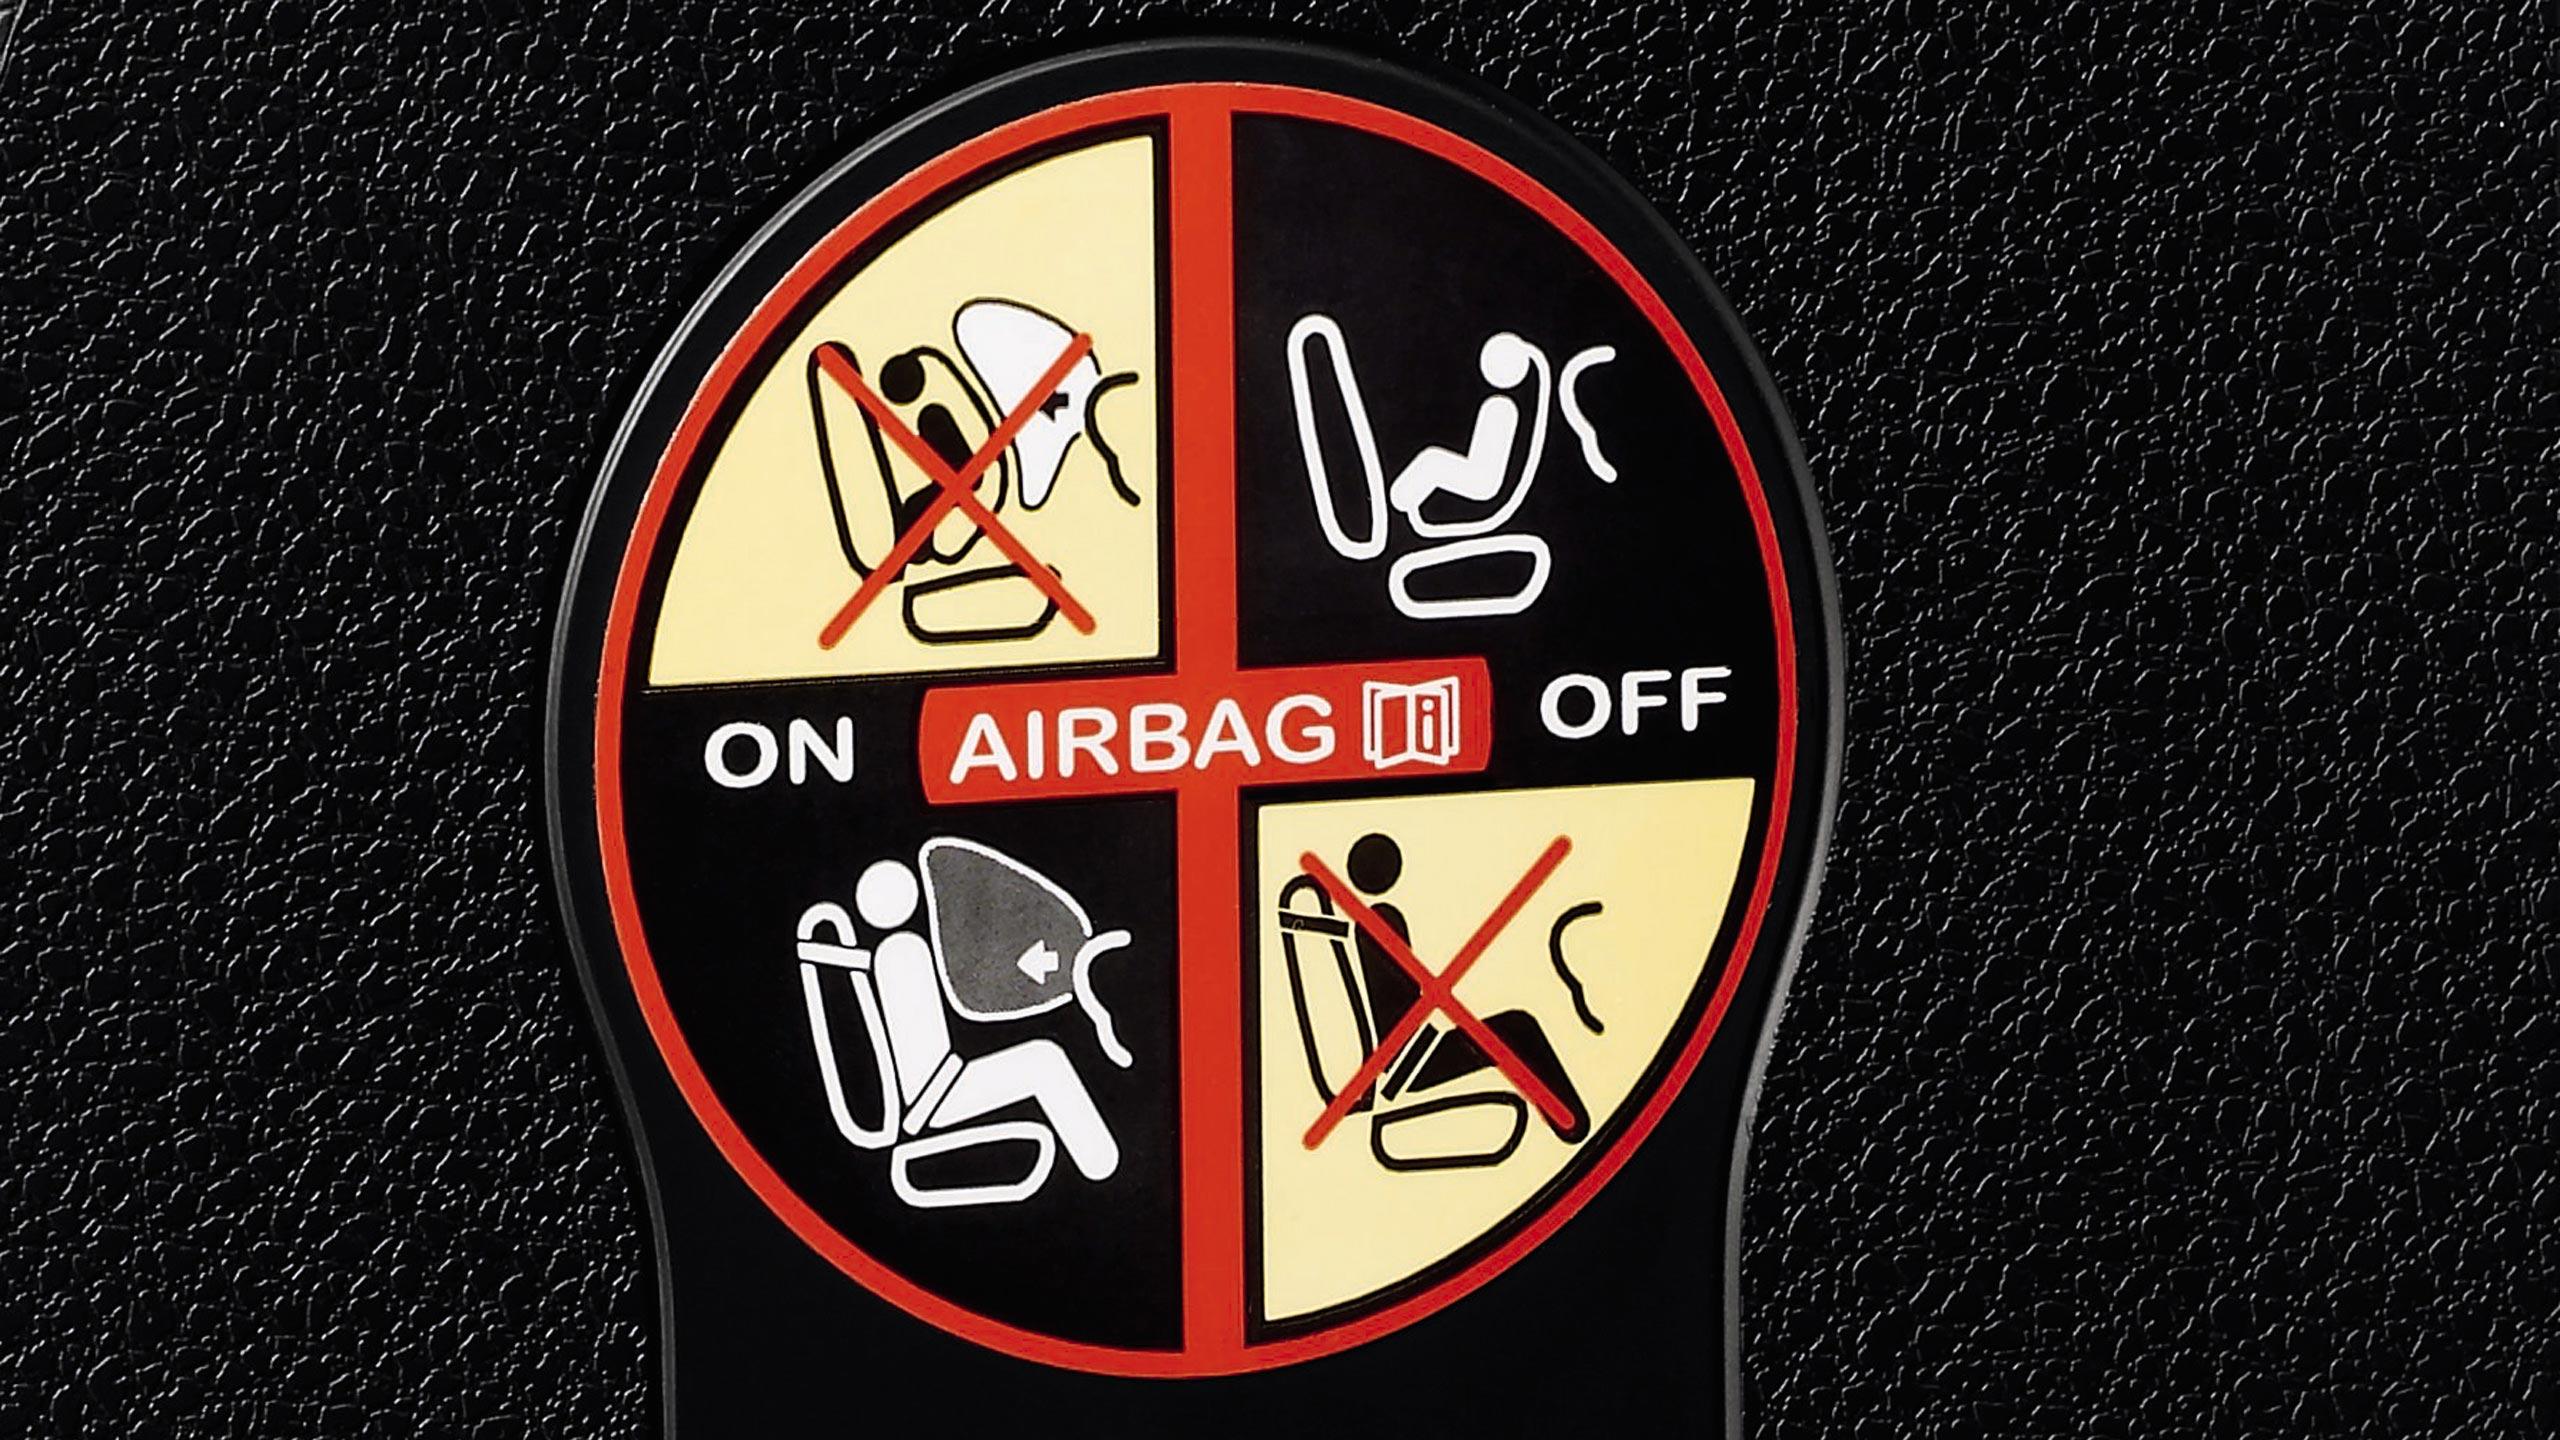 Passagiers airbag uitschakelbaar